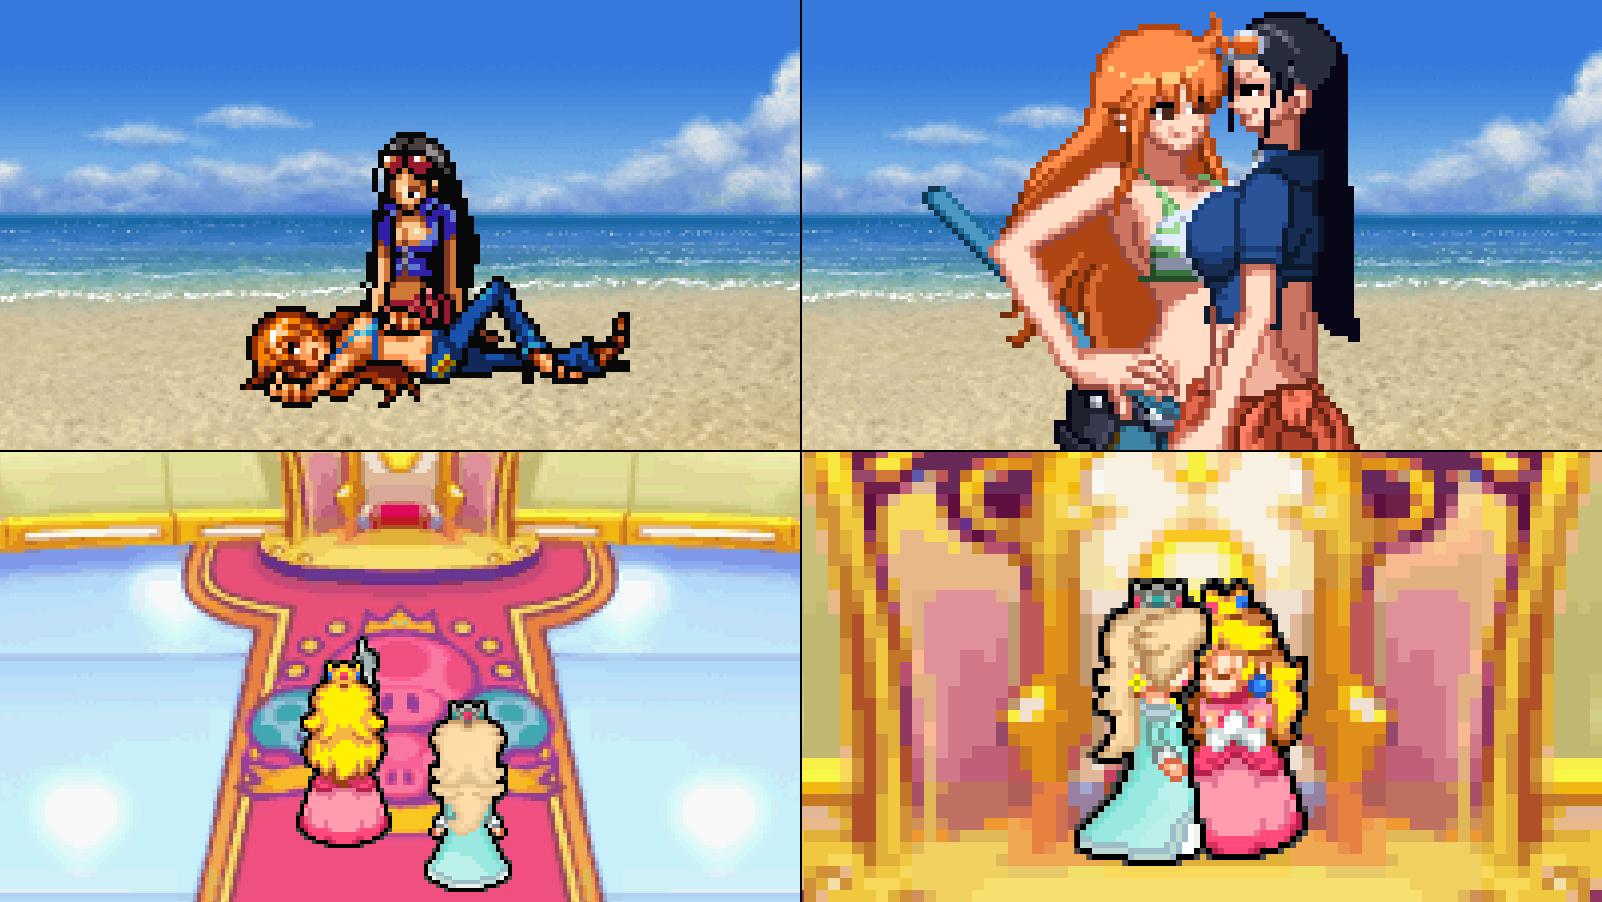 Some Sprite Scenes By Reimarisakuya On DeviantArt